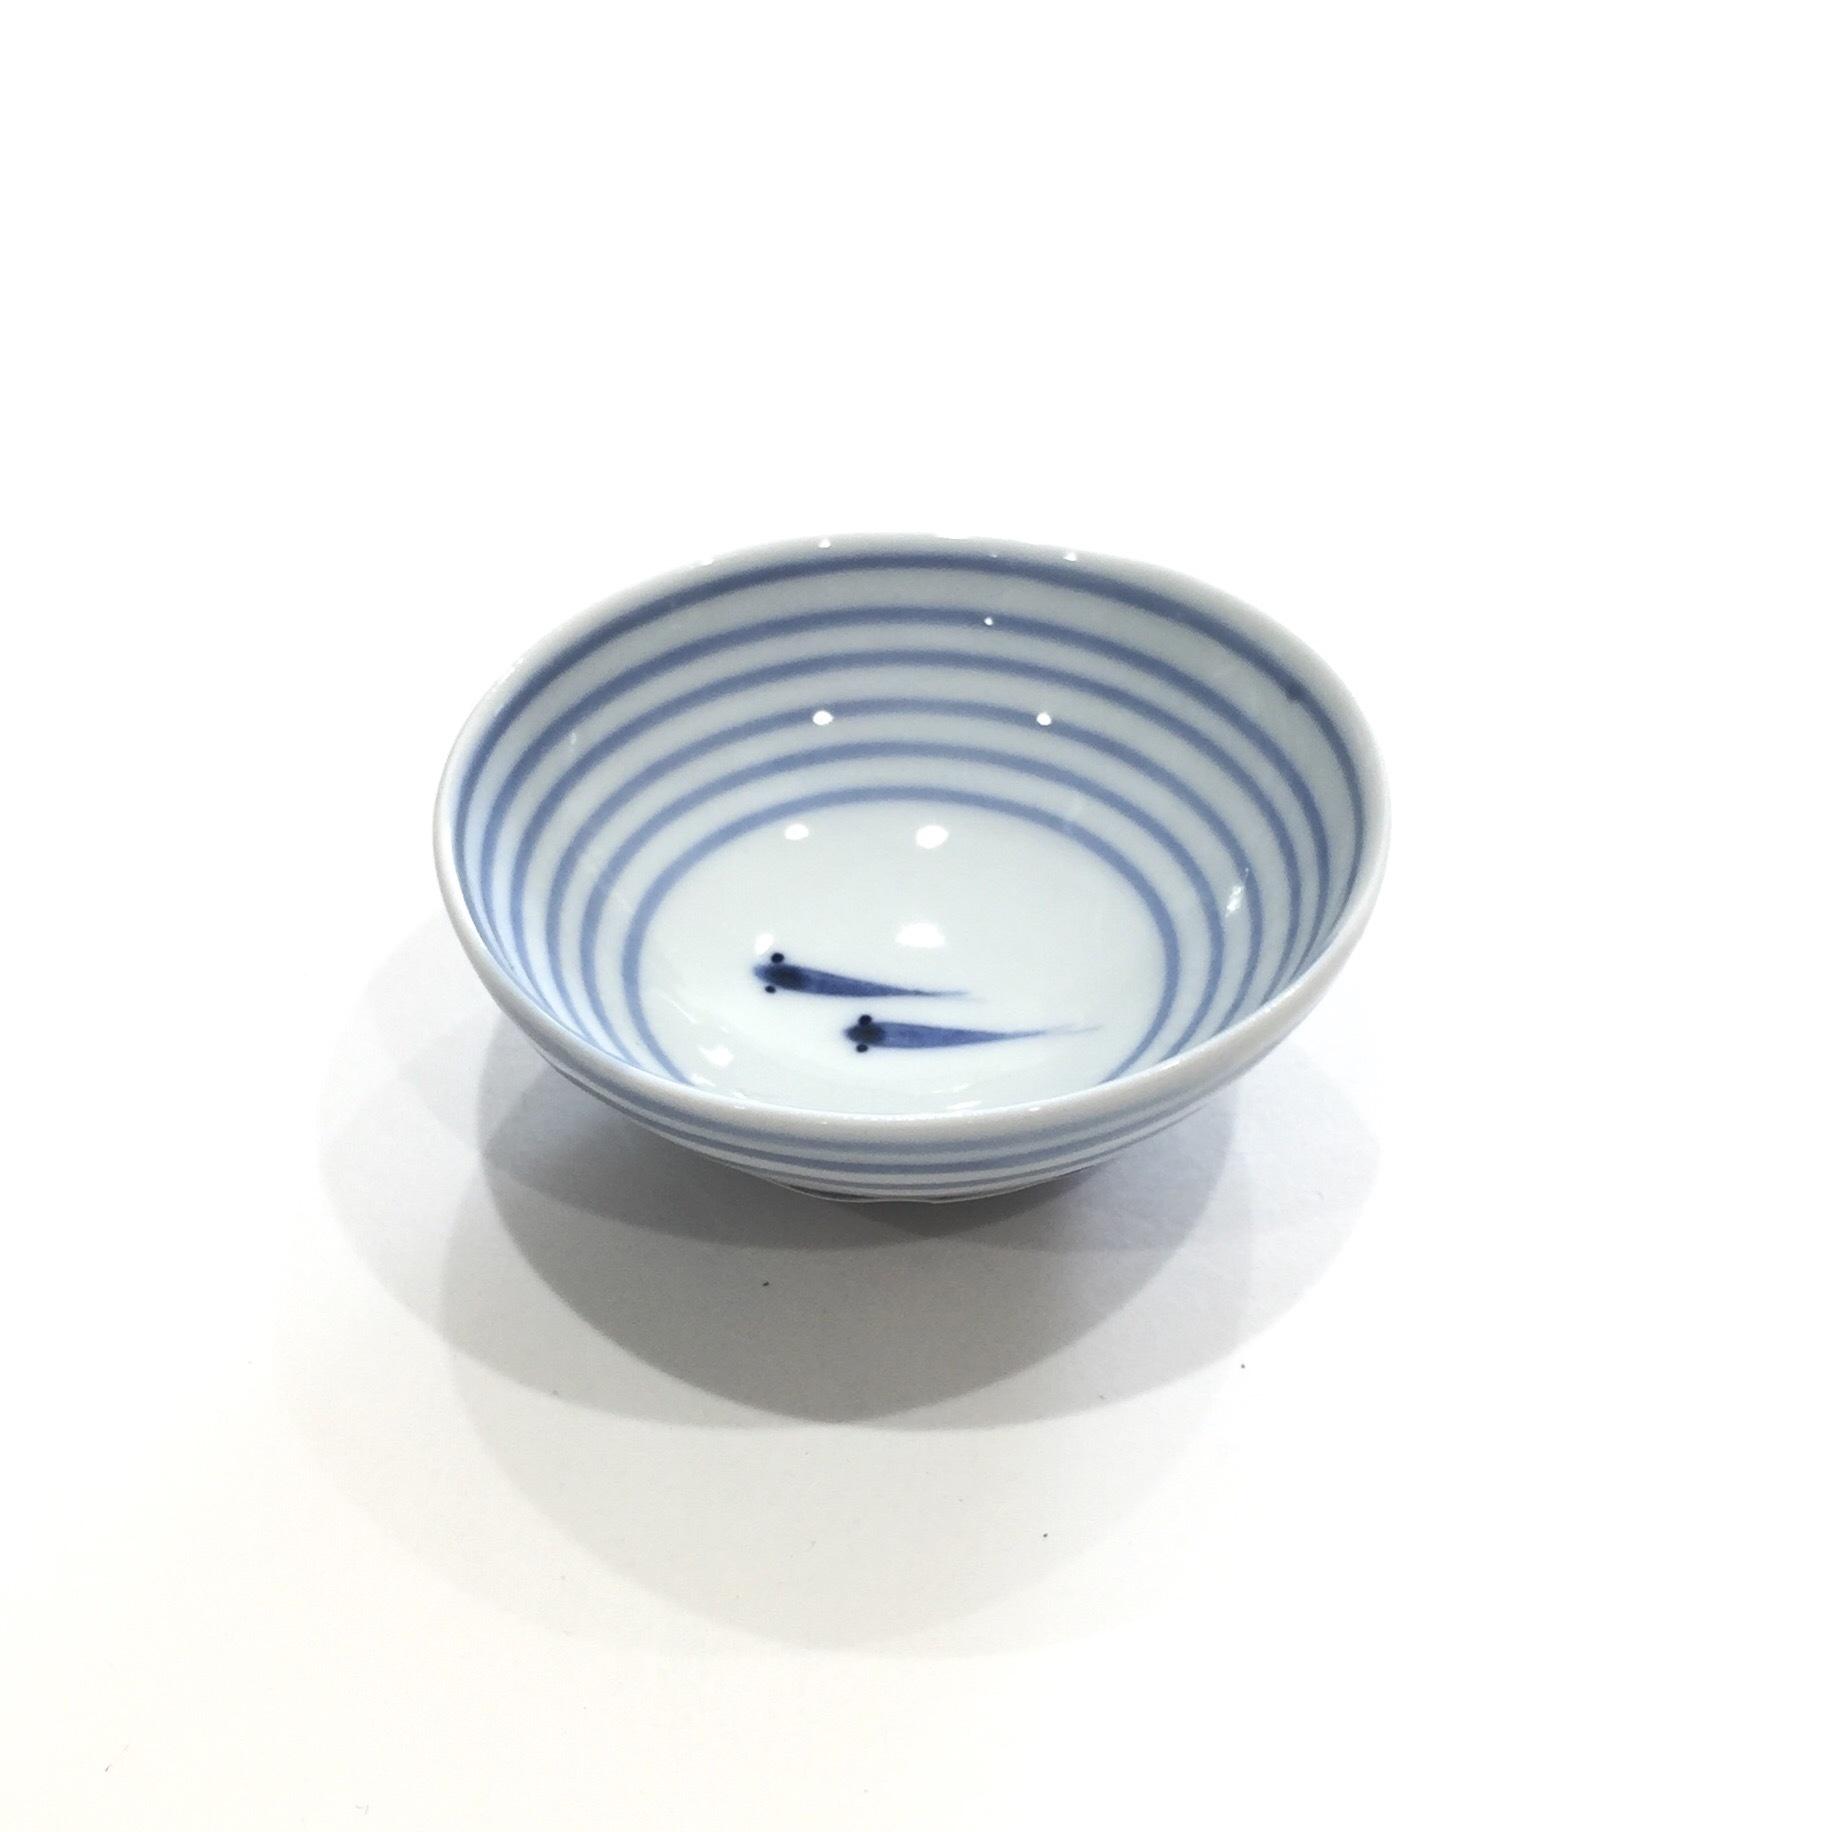 うずめだか  丸小鉢